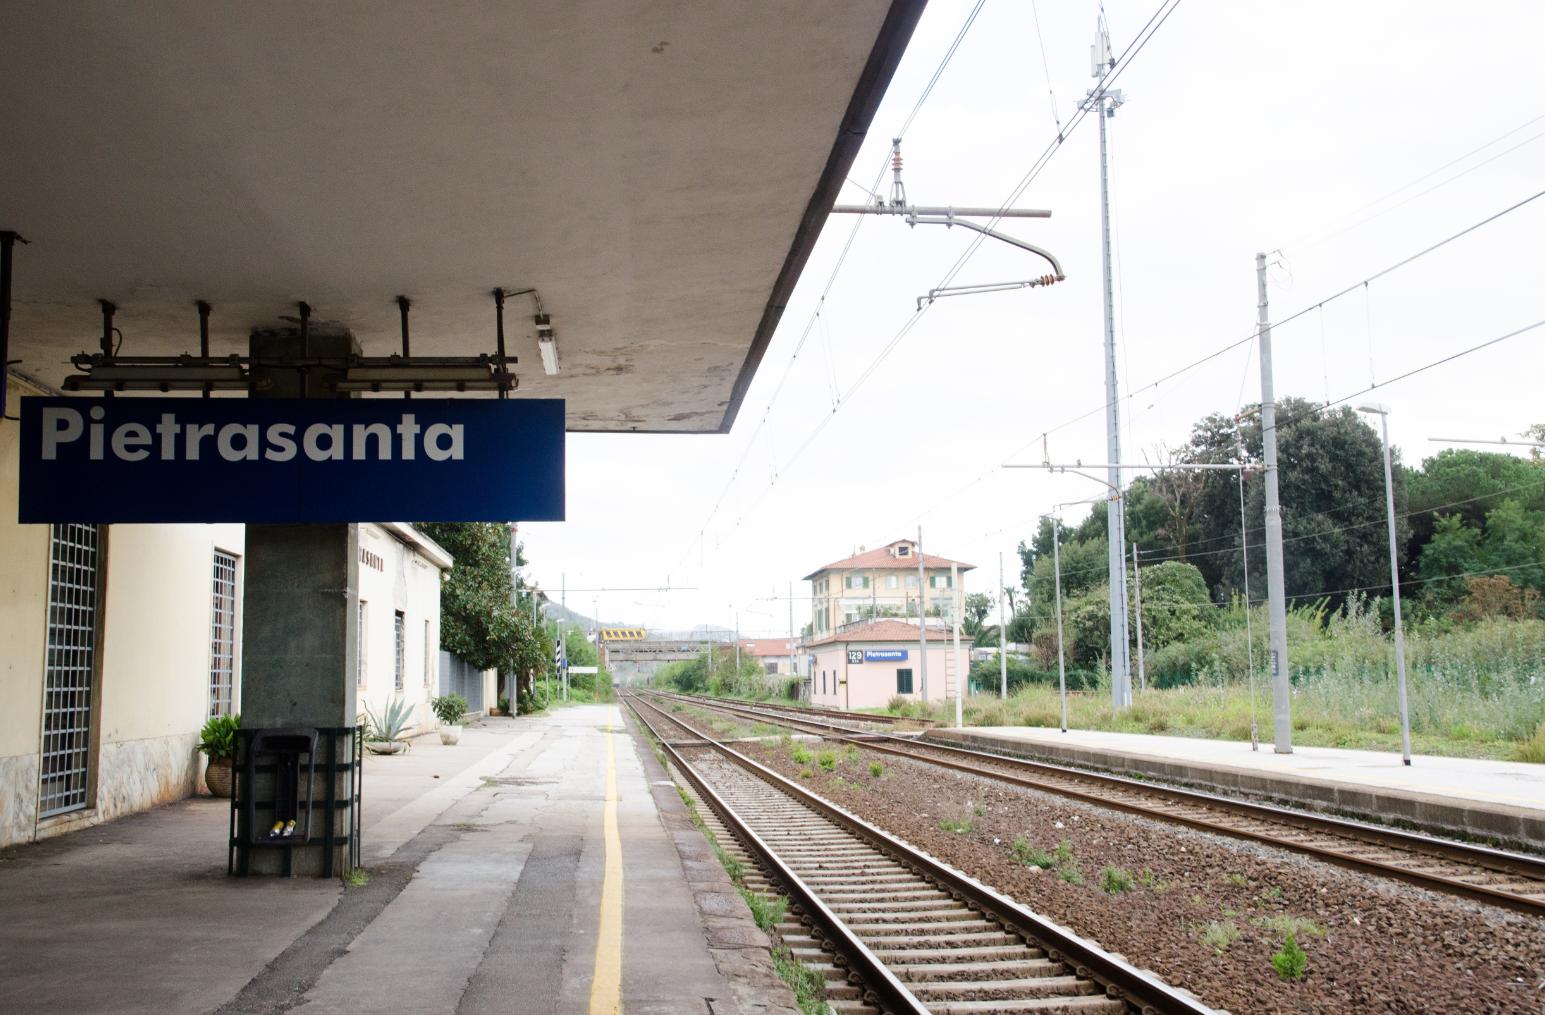 Sabato e domenica sciopero dei treni ma le Frecce circoleranno regolarmente